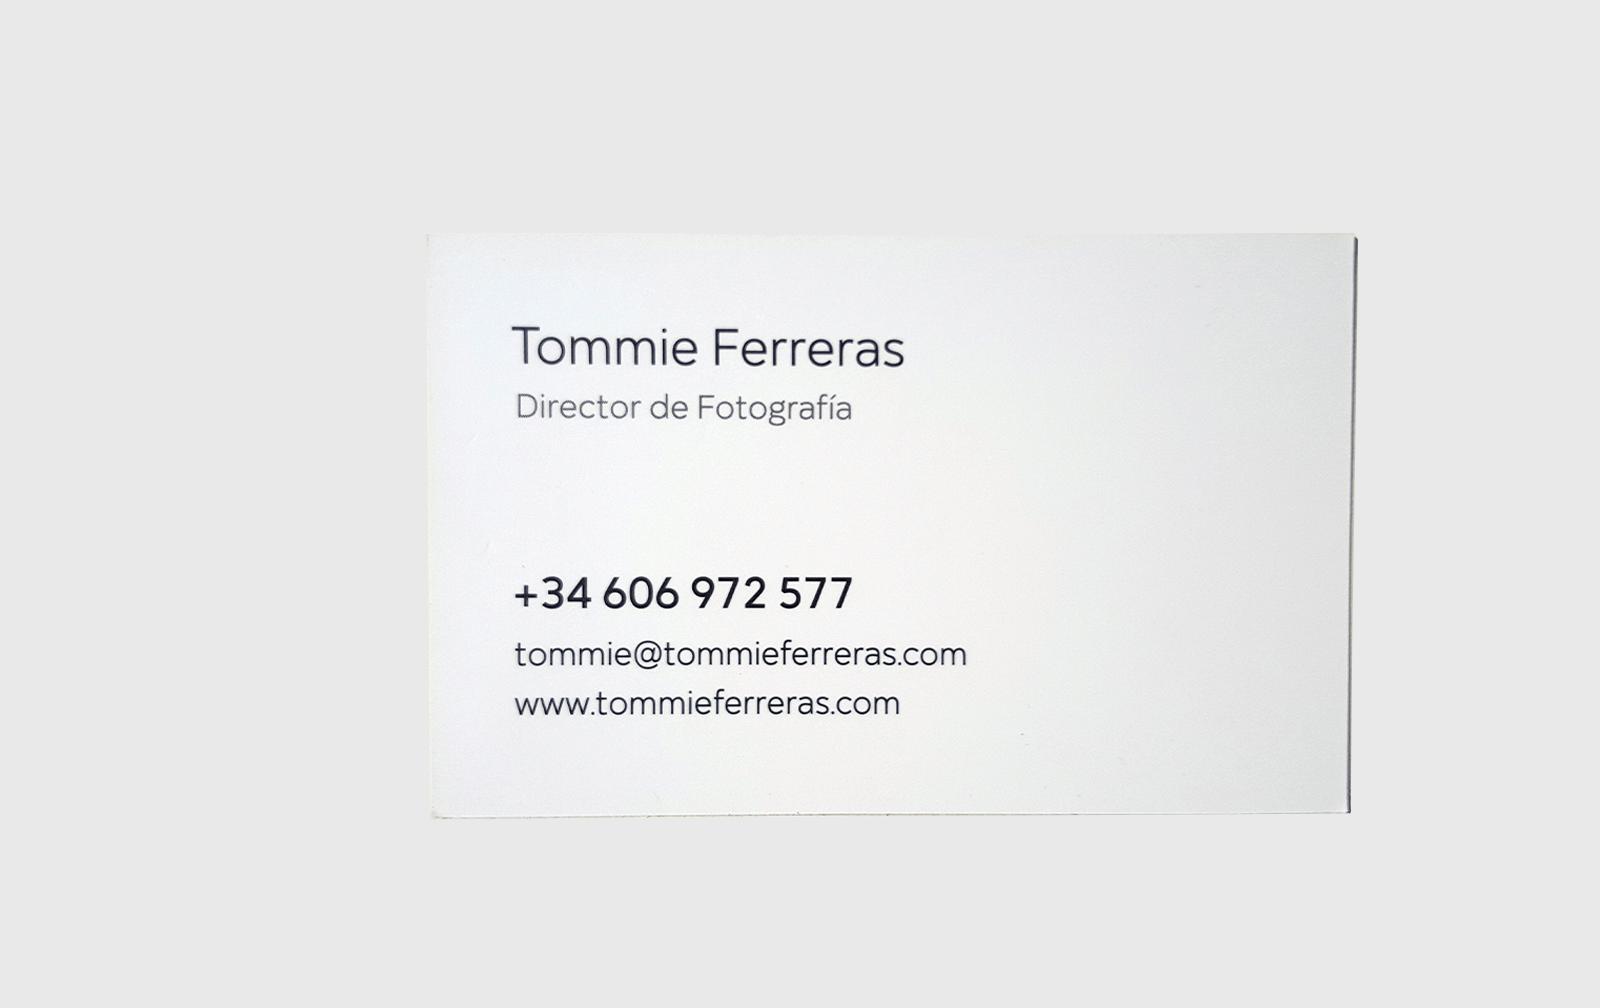 Reverso de la tarjeta de visita de Tommie Ferreras